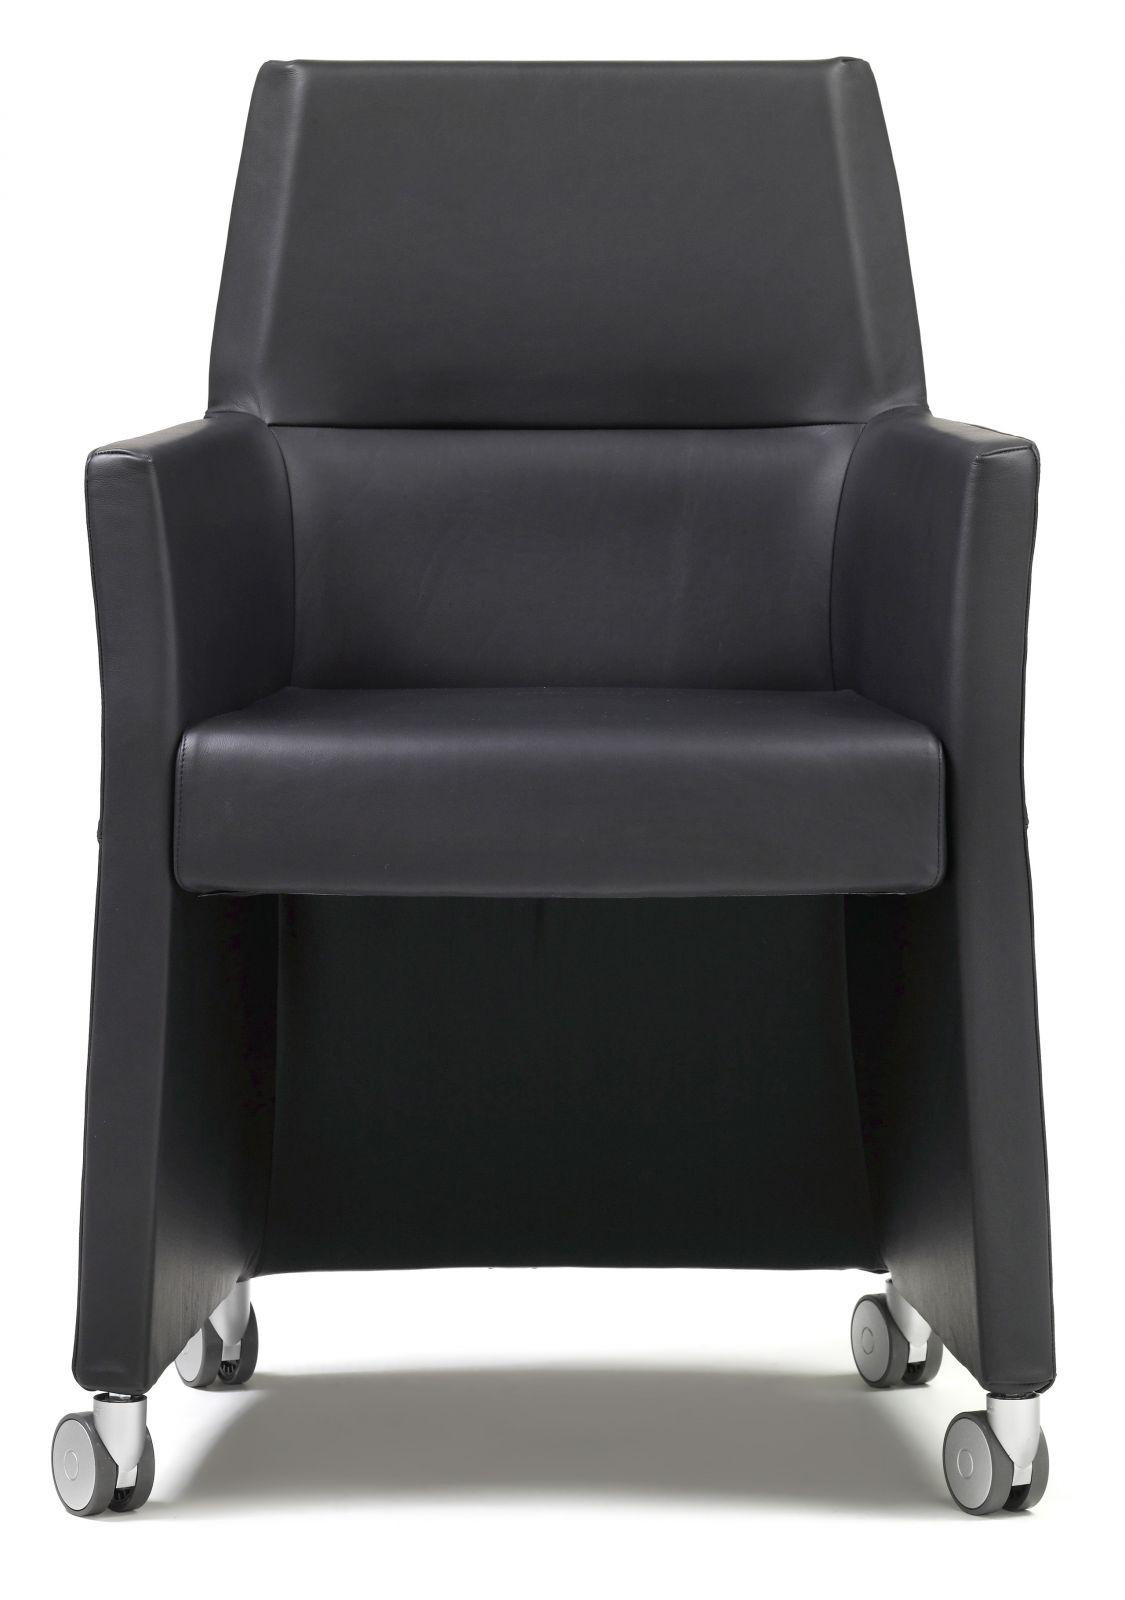 MOF 101 Modern Office Chair